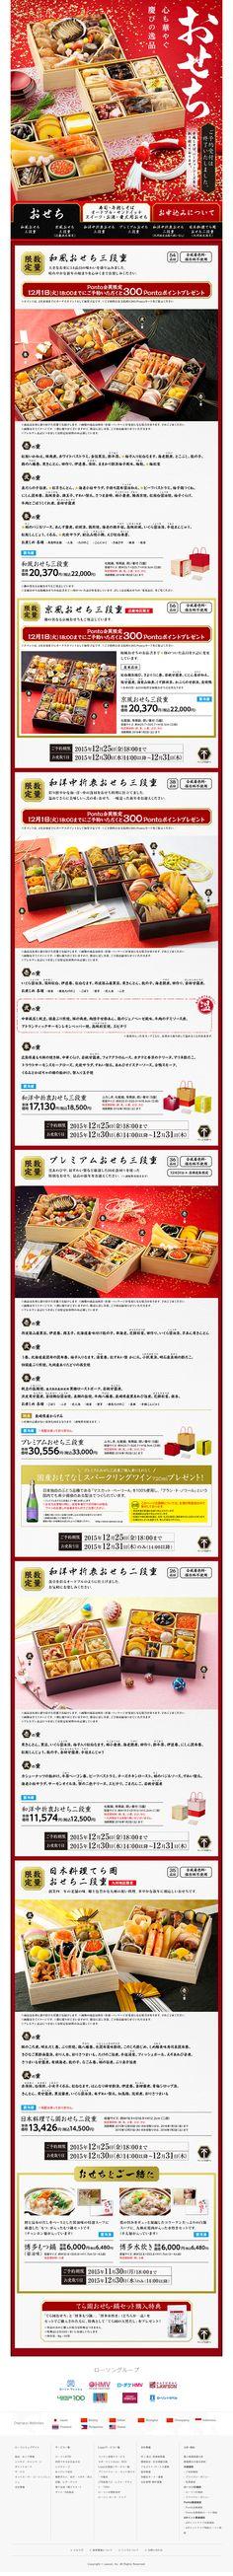 おせち2017特集【食品関連】のLPデザイン。WEBデザイナーさん必見!ランディングページのデザイン参考に(高級・リッチ・セレブ系)